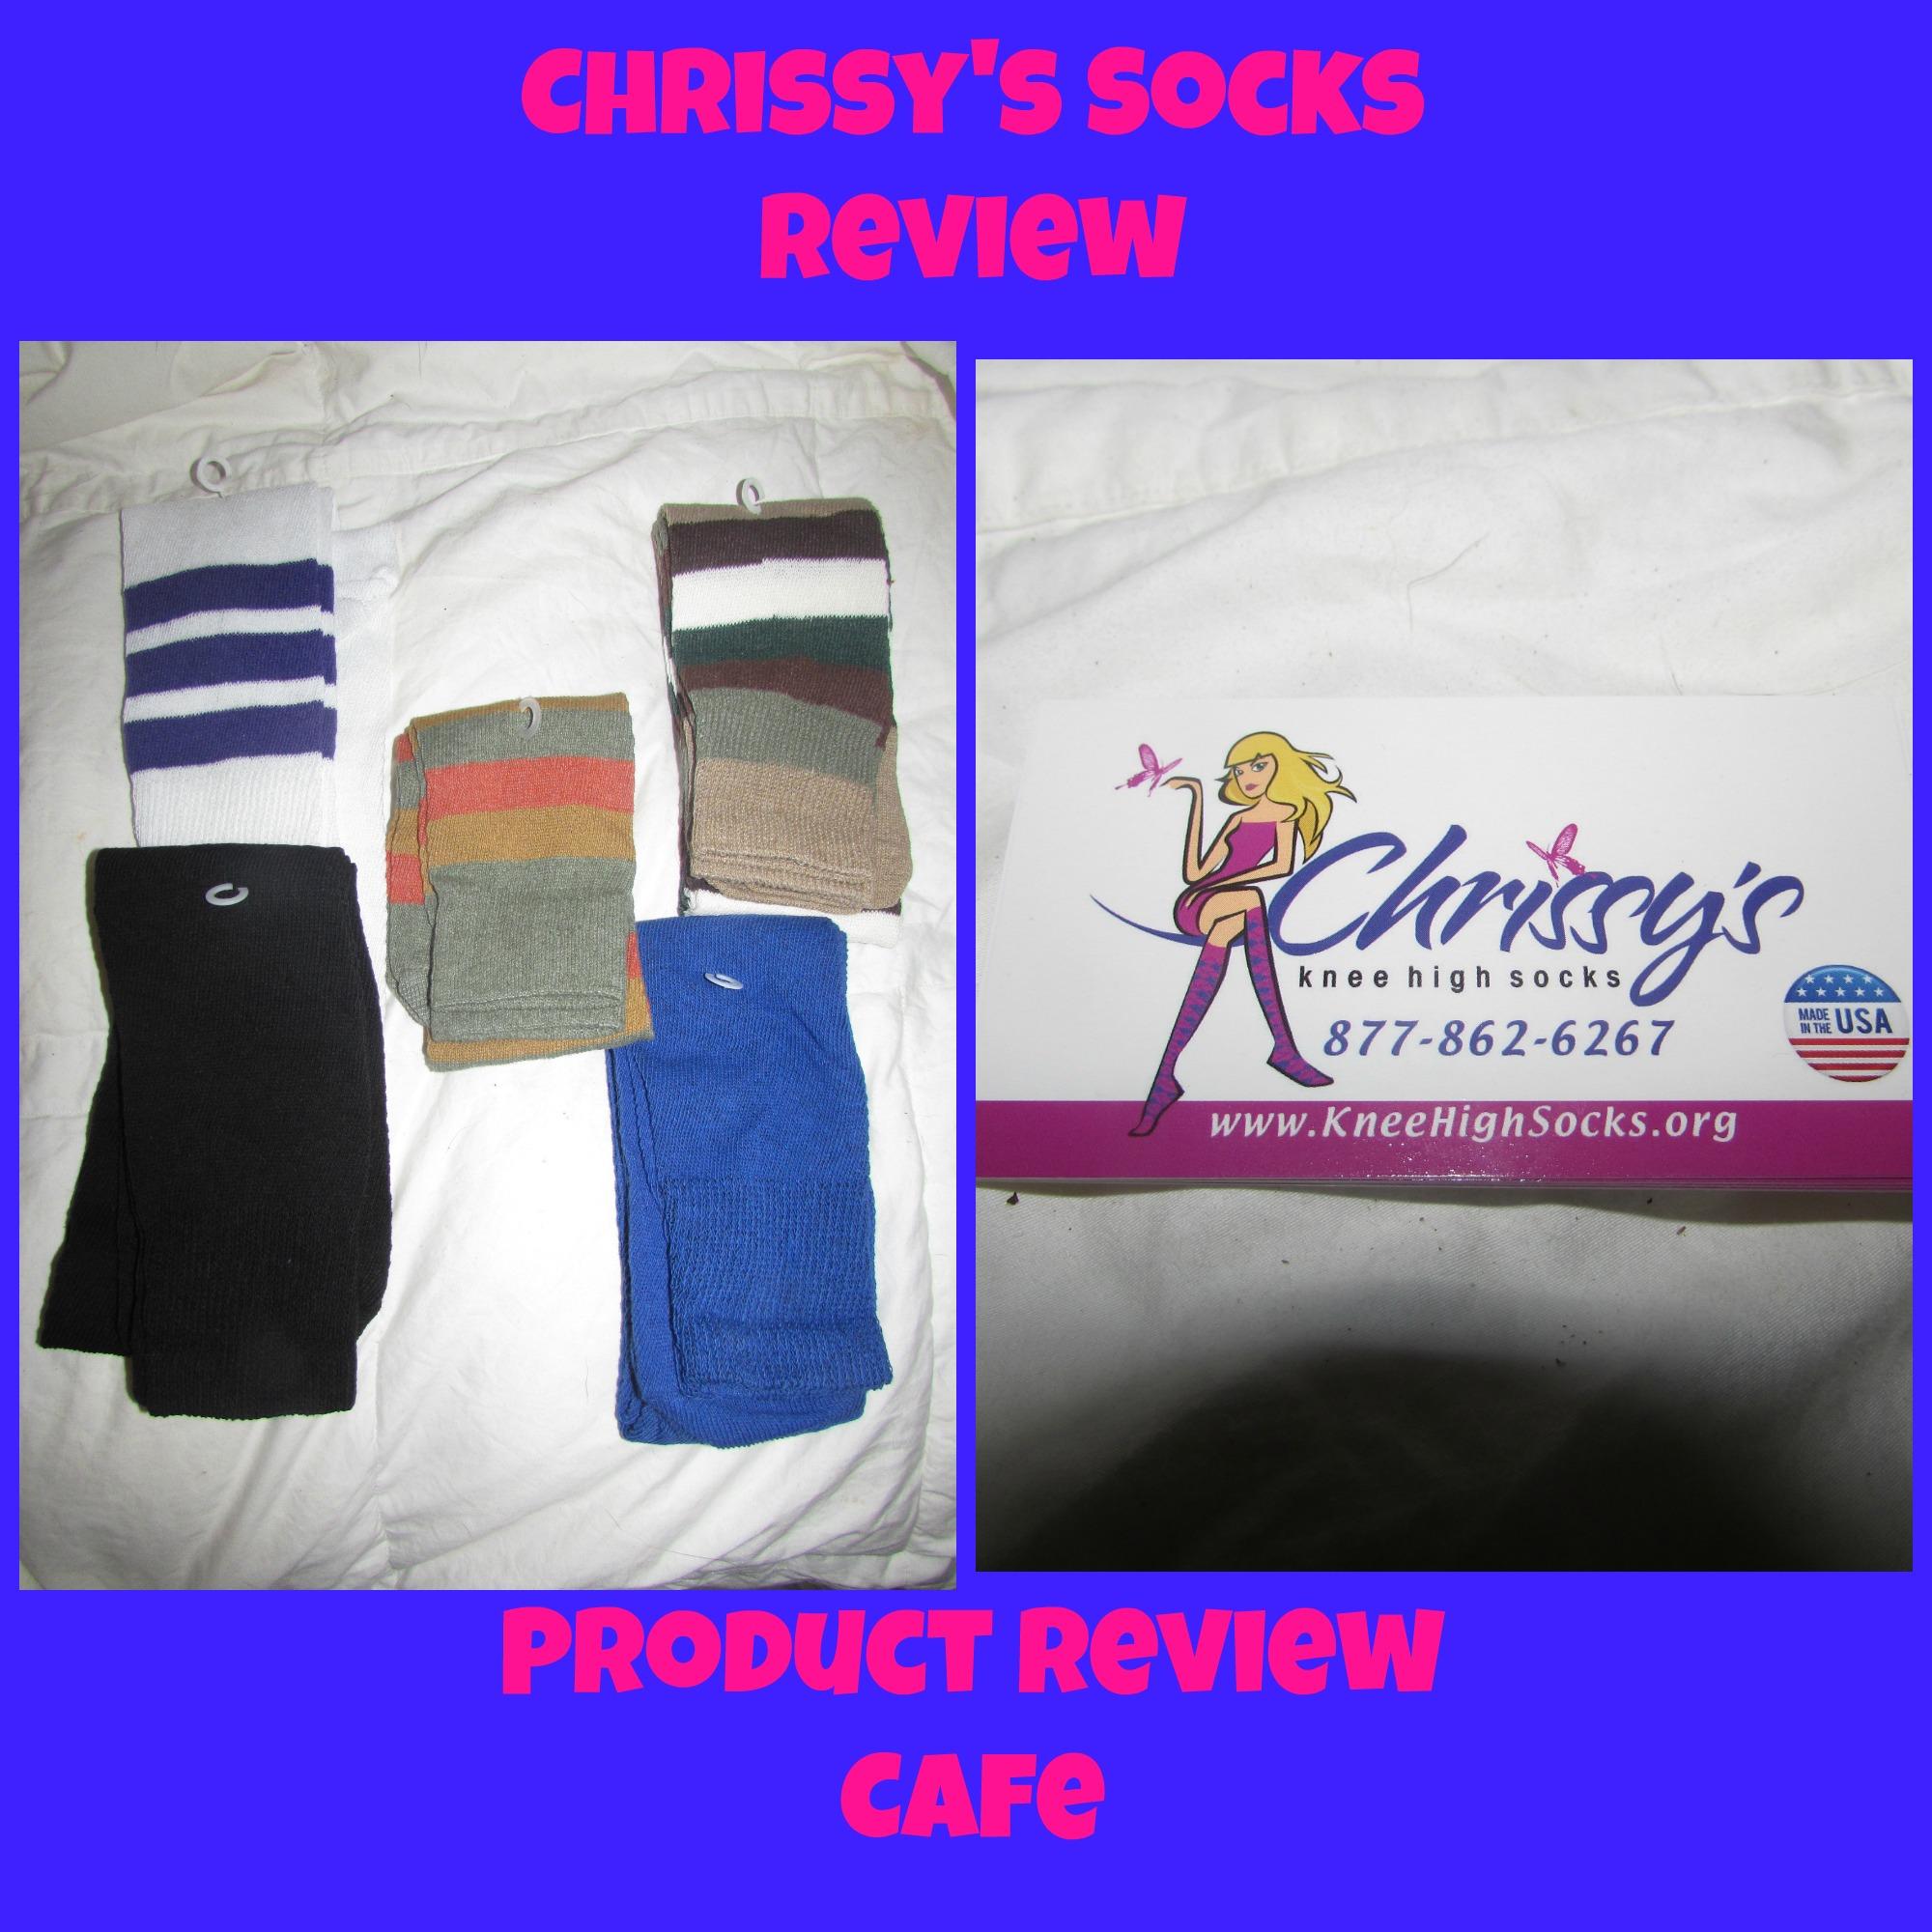 Chrissy's Socks Review